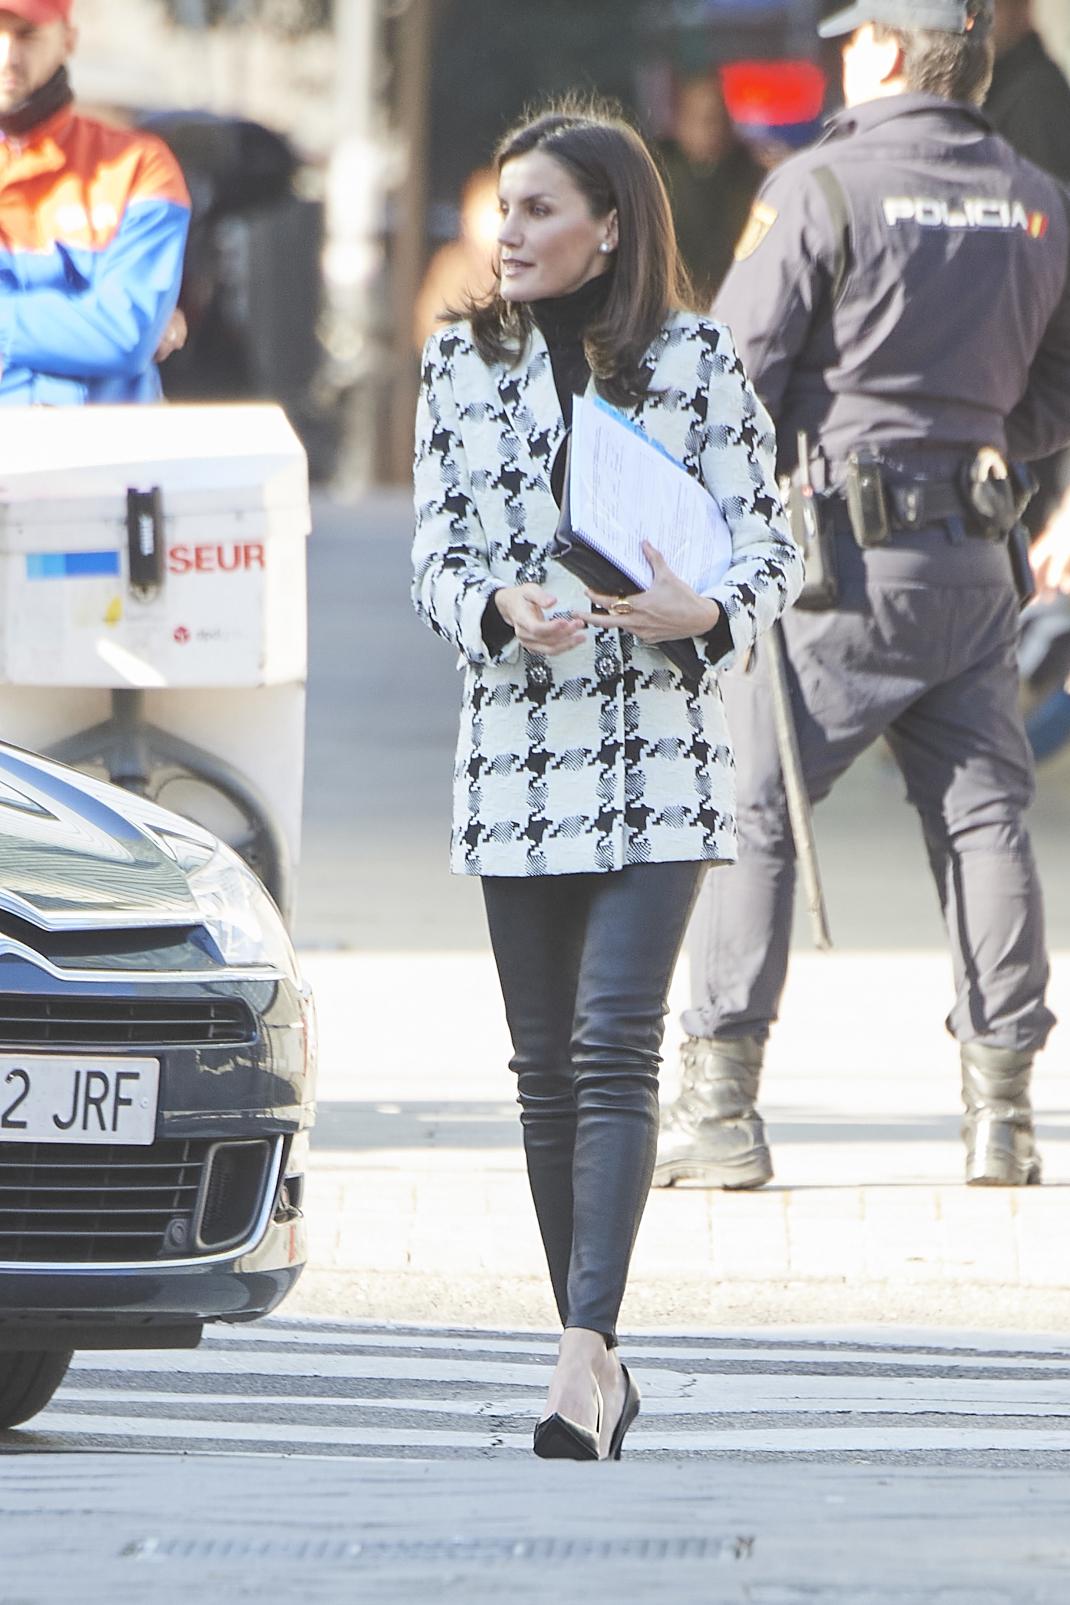 Η βασίλισσα Λετίθια με σακάκι και δερμάτινο παντελόνι